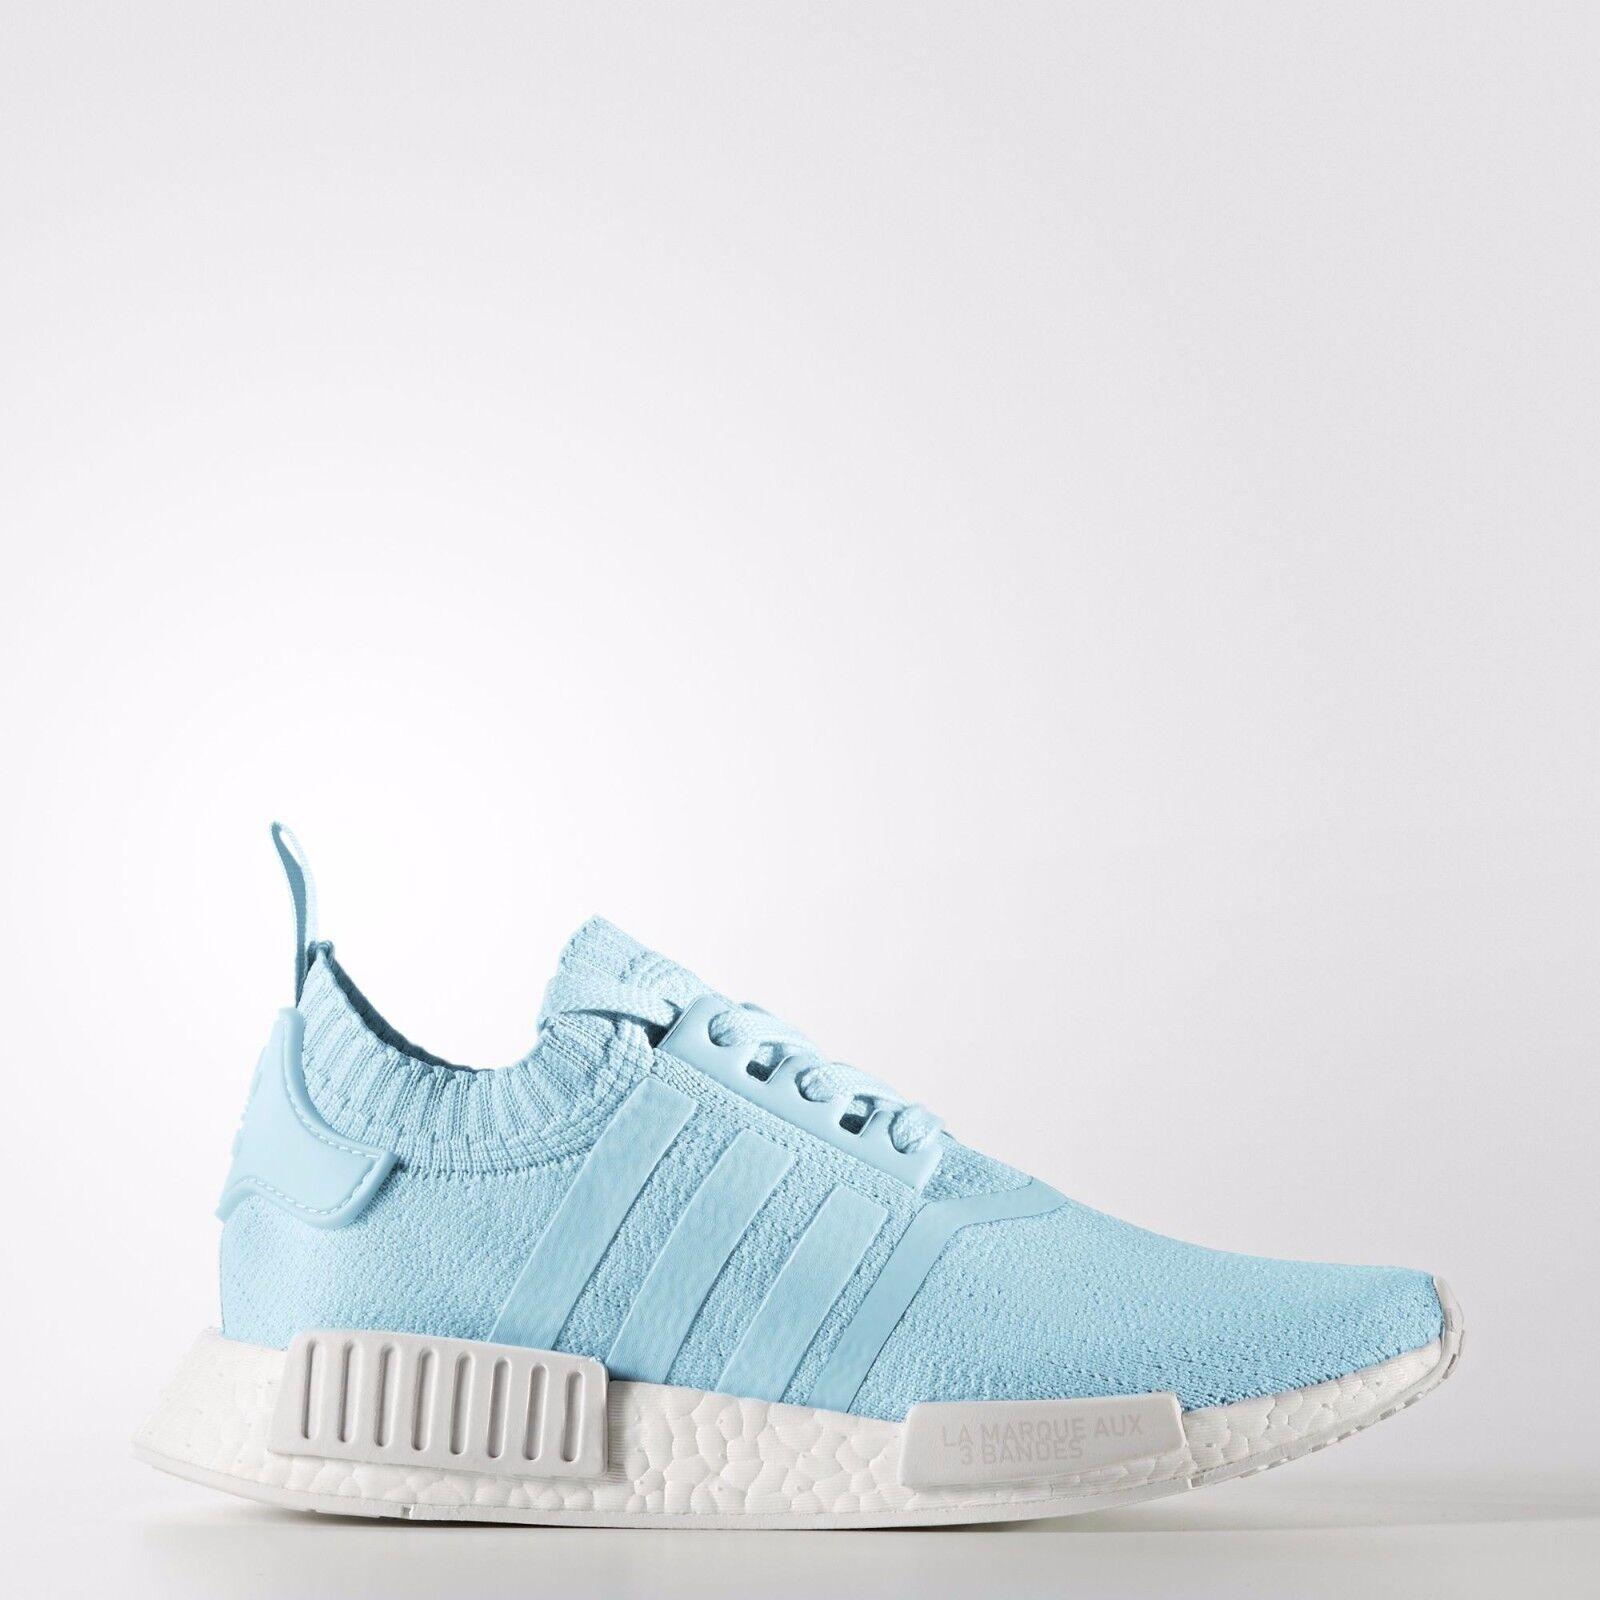 Adidas Originals NMD R1 primeknit mujeres Casual Zapatos azul by8763 hombres cómodos zapatos nuevos para hombres by8763 y mujeres, el limitado tiempo de descuento 090b53